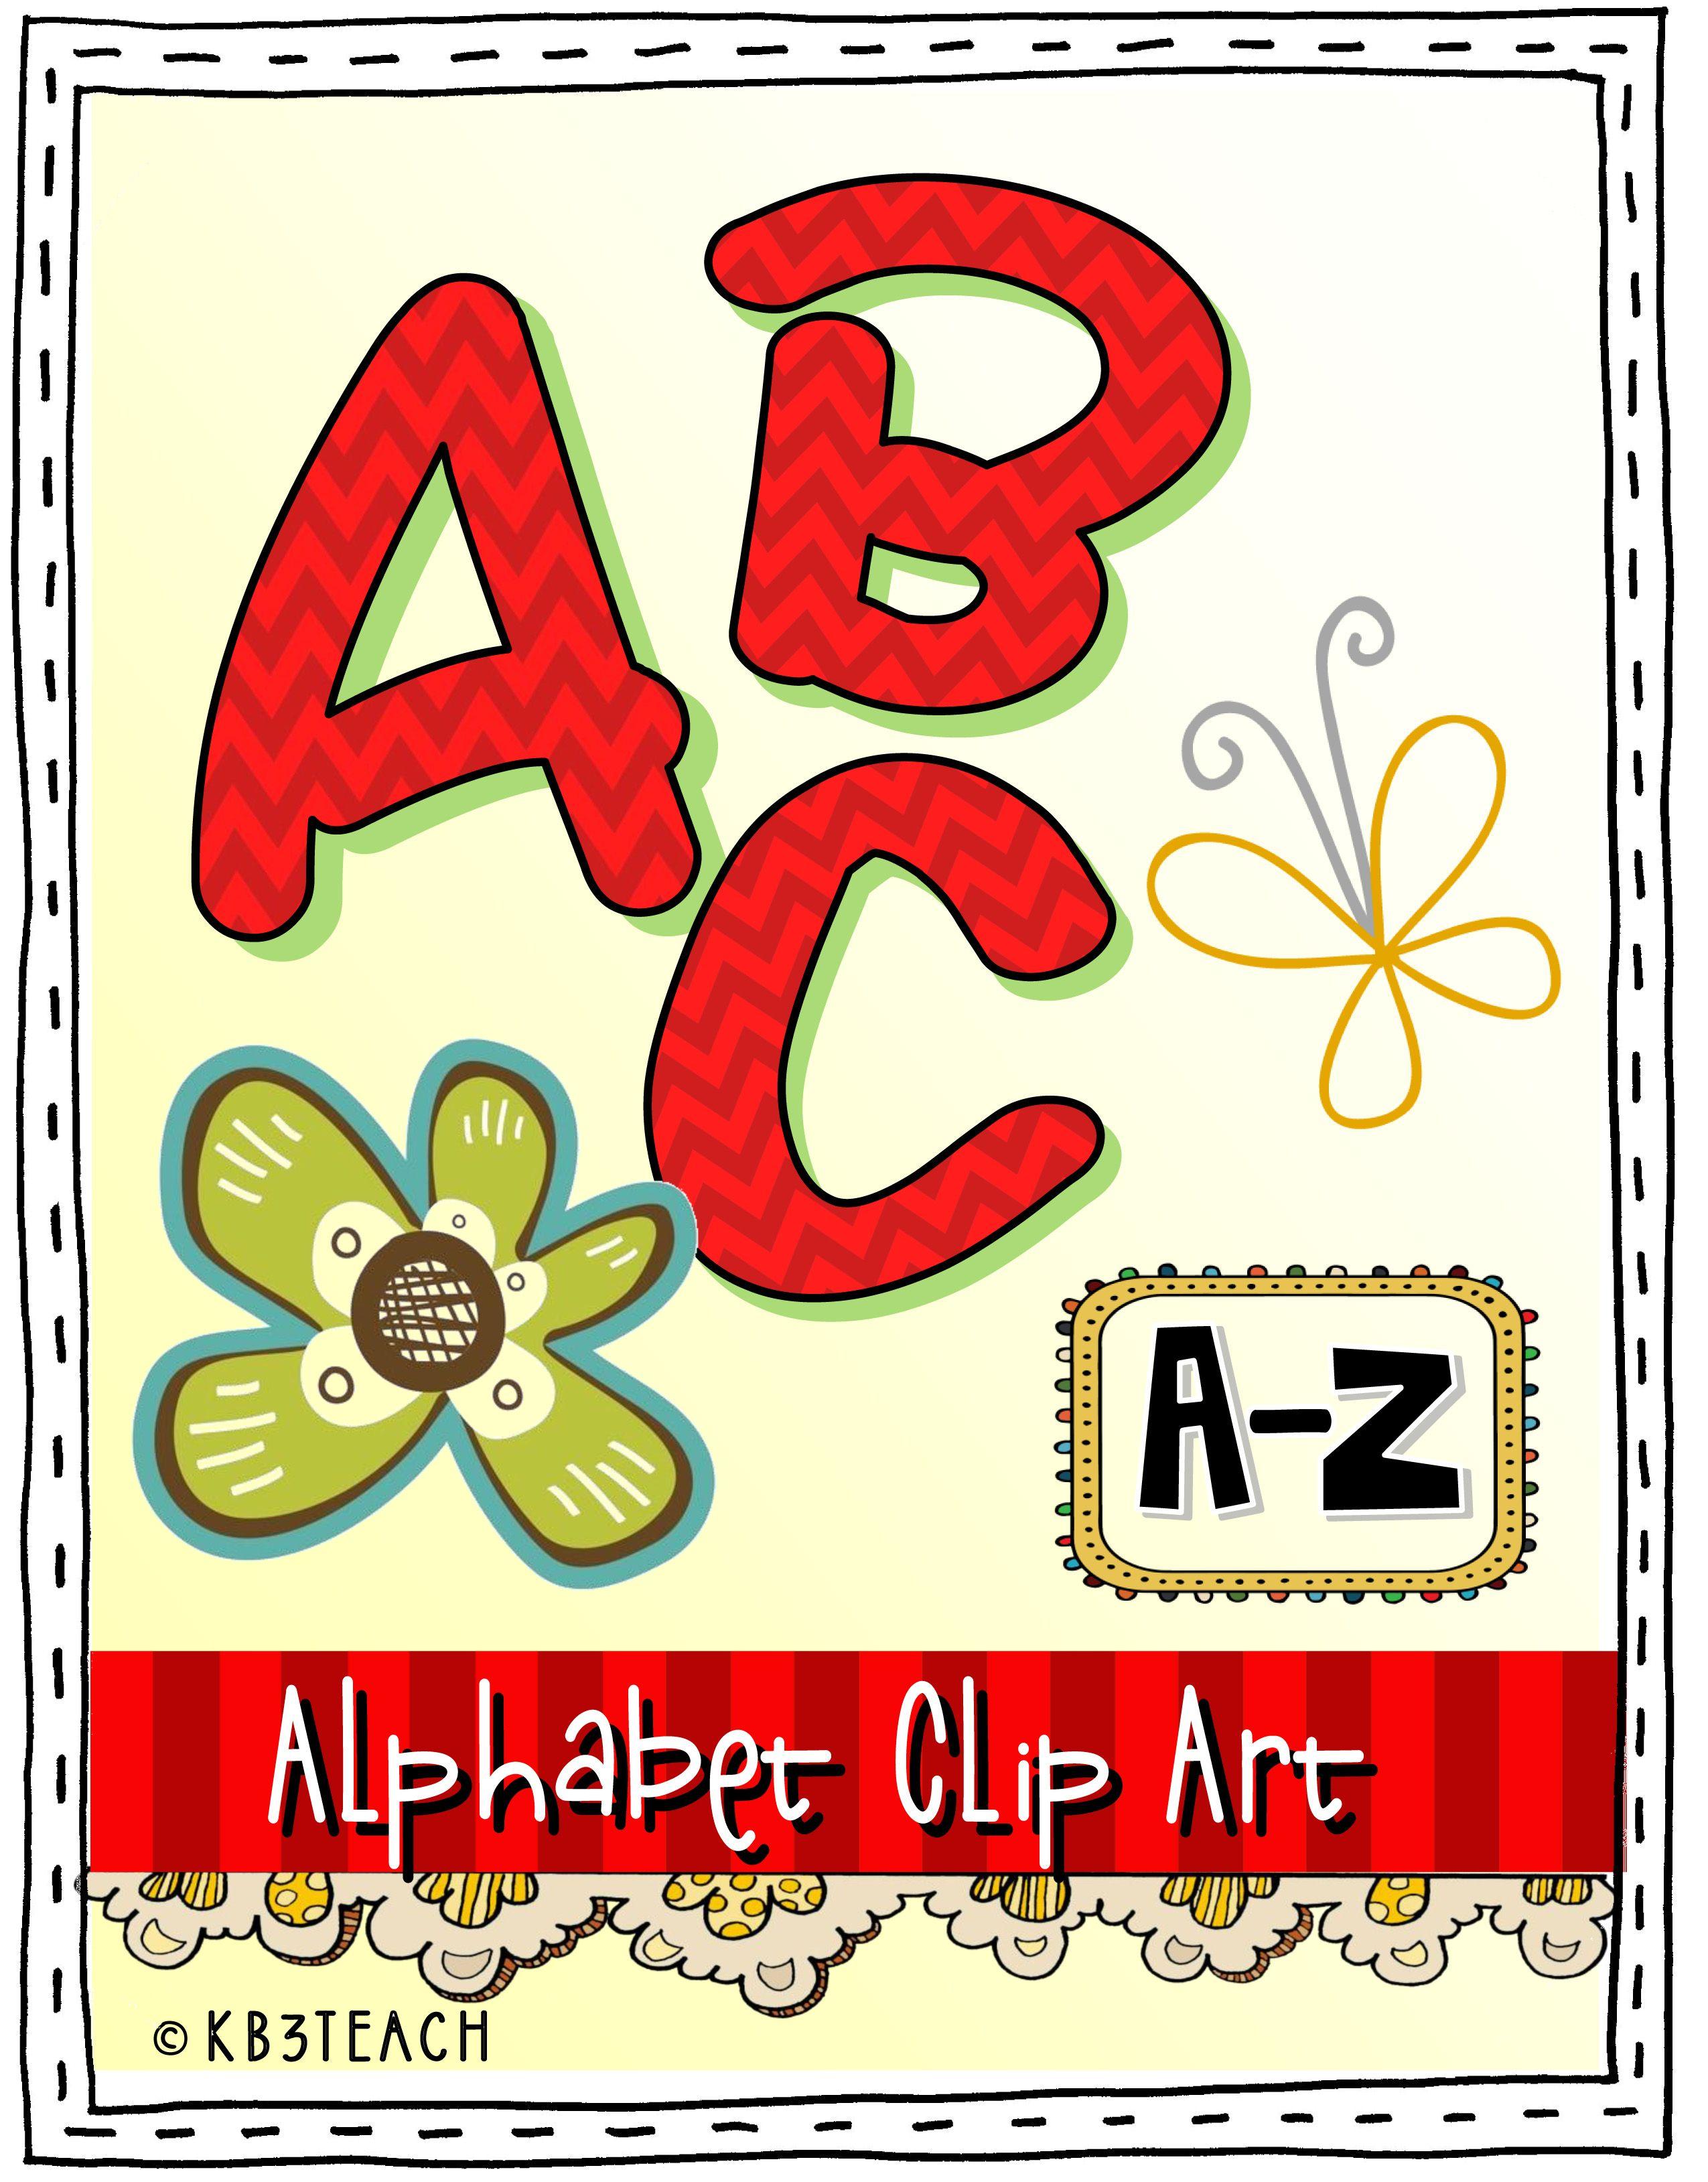 Alphabet Clipart Value Pack 4 Sets